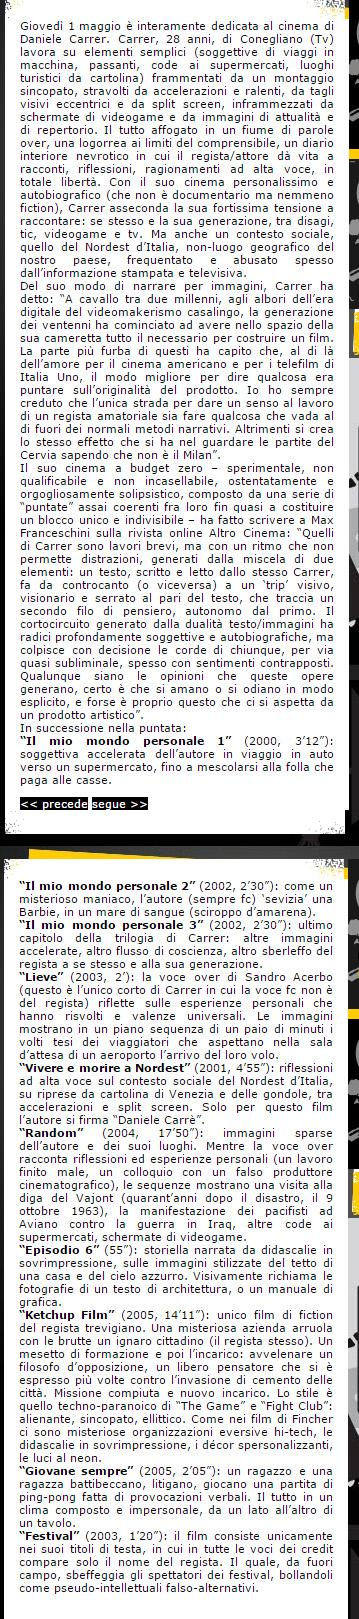 Programma della monografia su Daniele Carrer andata in onda su La7 nel 2005 e 2006